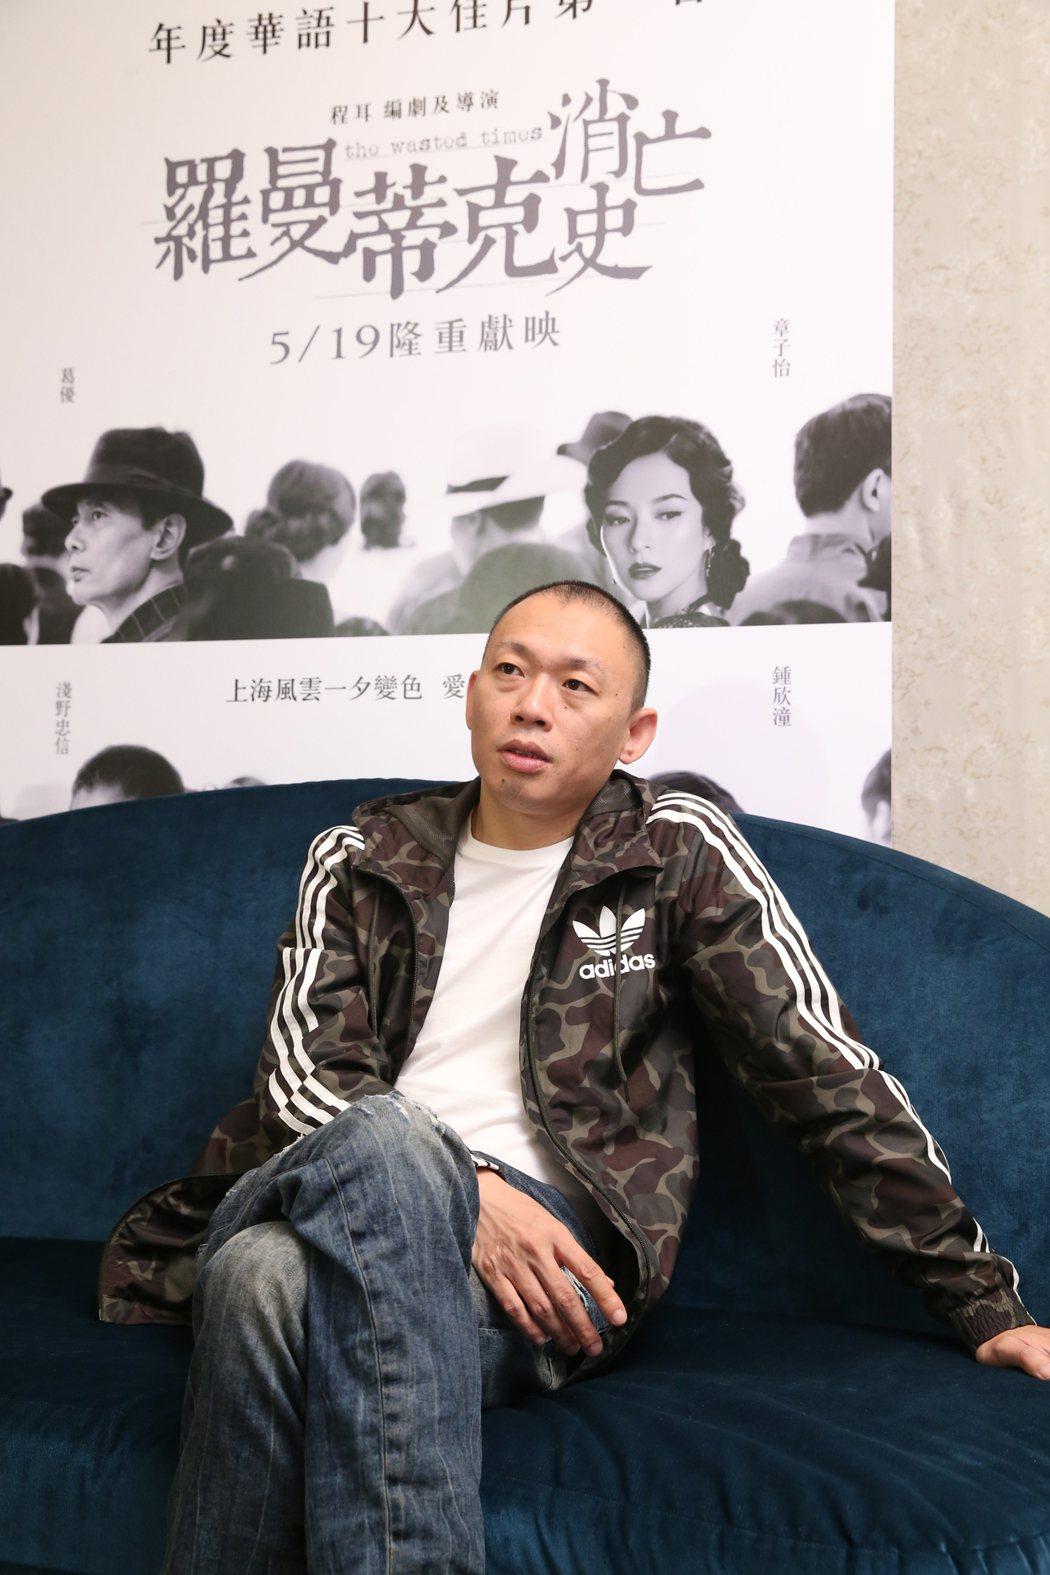 專訪中國大陸電影「羅曼蒂克消亡史」導演程耳,暢談與章子怡、葛優等主角的精采對戲過...